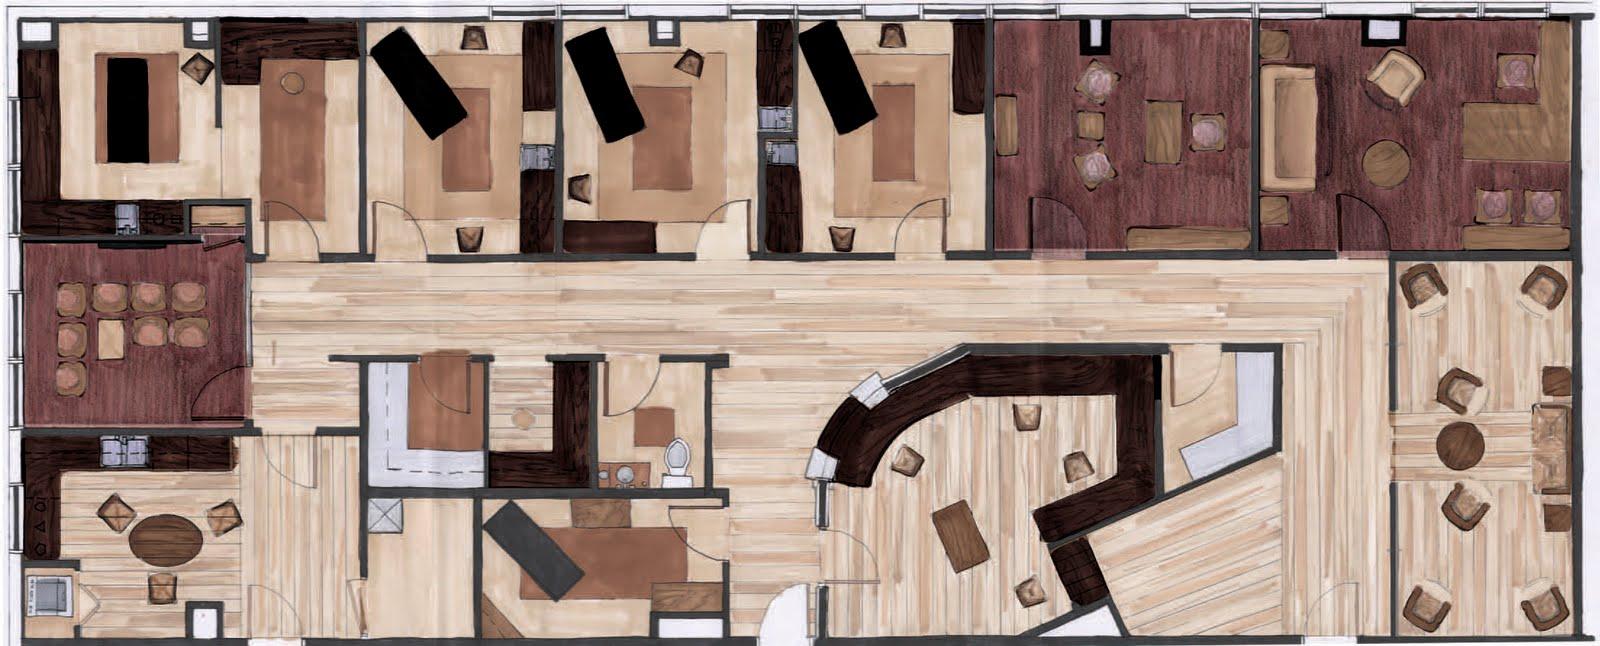 Chiropractor Table Photoshop Rendered Floor Plan further House Floor Plan Design ...